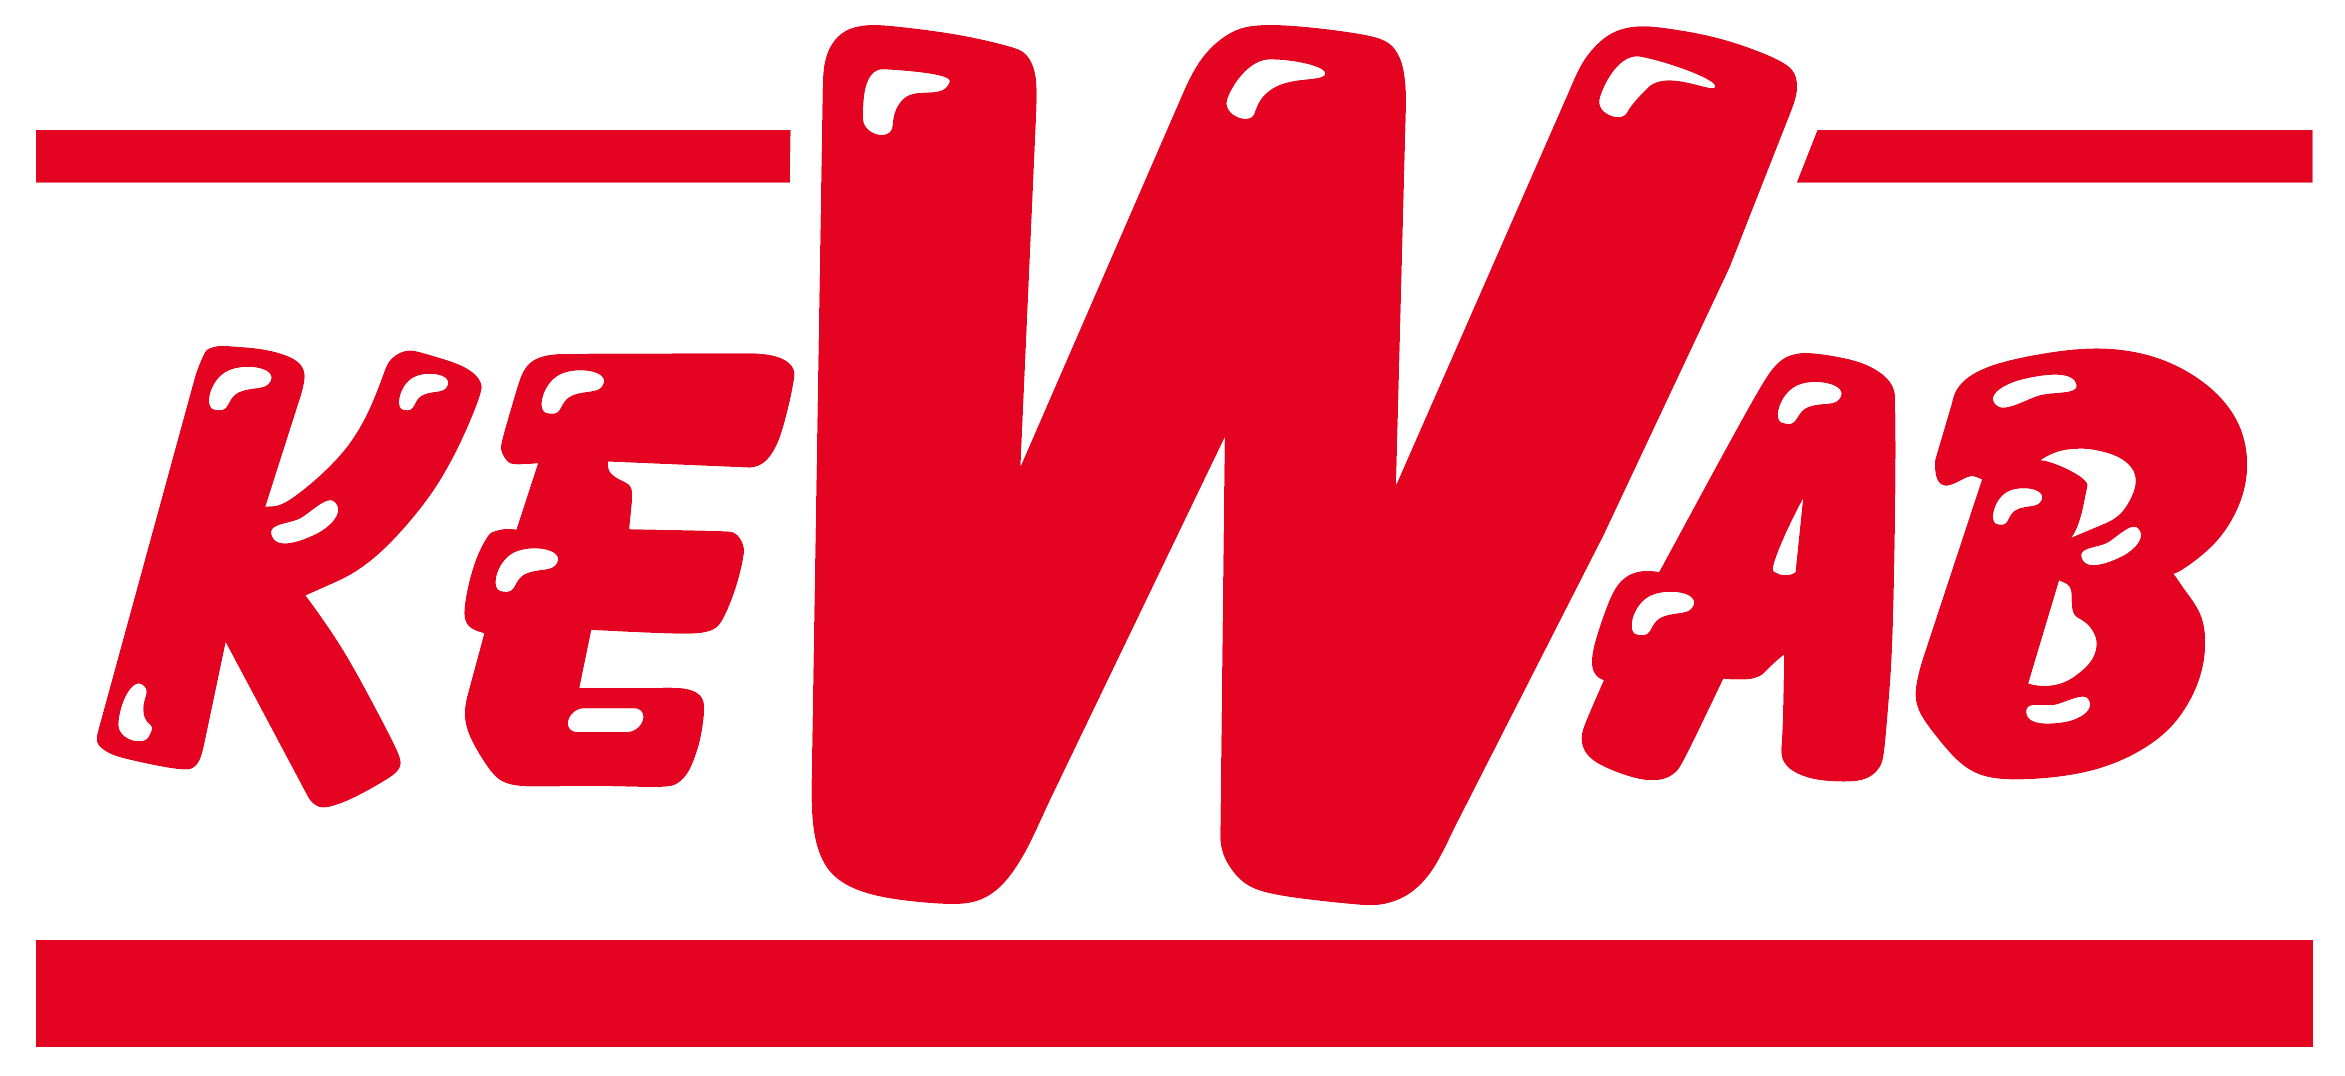 Allians företräder Kewab